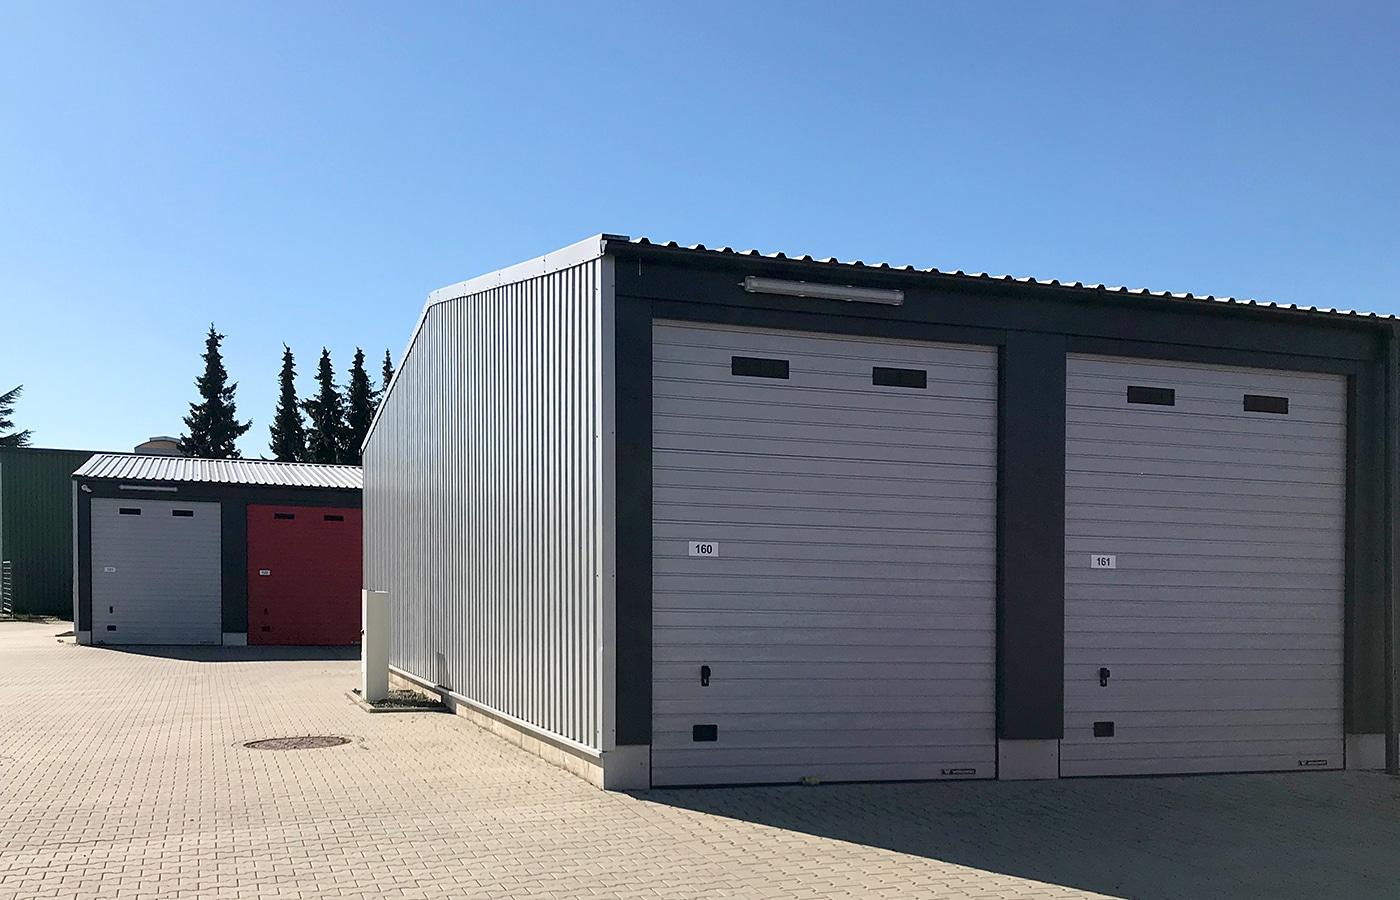 Einzelbox Garagenpark Storage Köln Rodenkirchen · Architektin AKNW Dipl.-Ing. Lubov · Architekt / Architekturbüro Köln